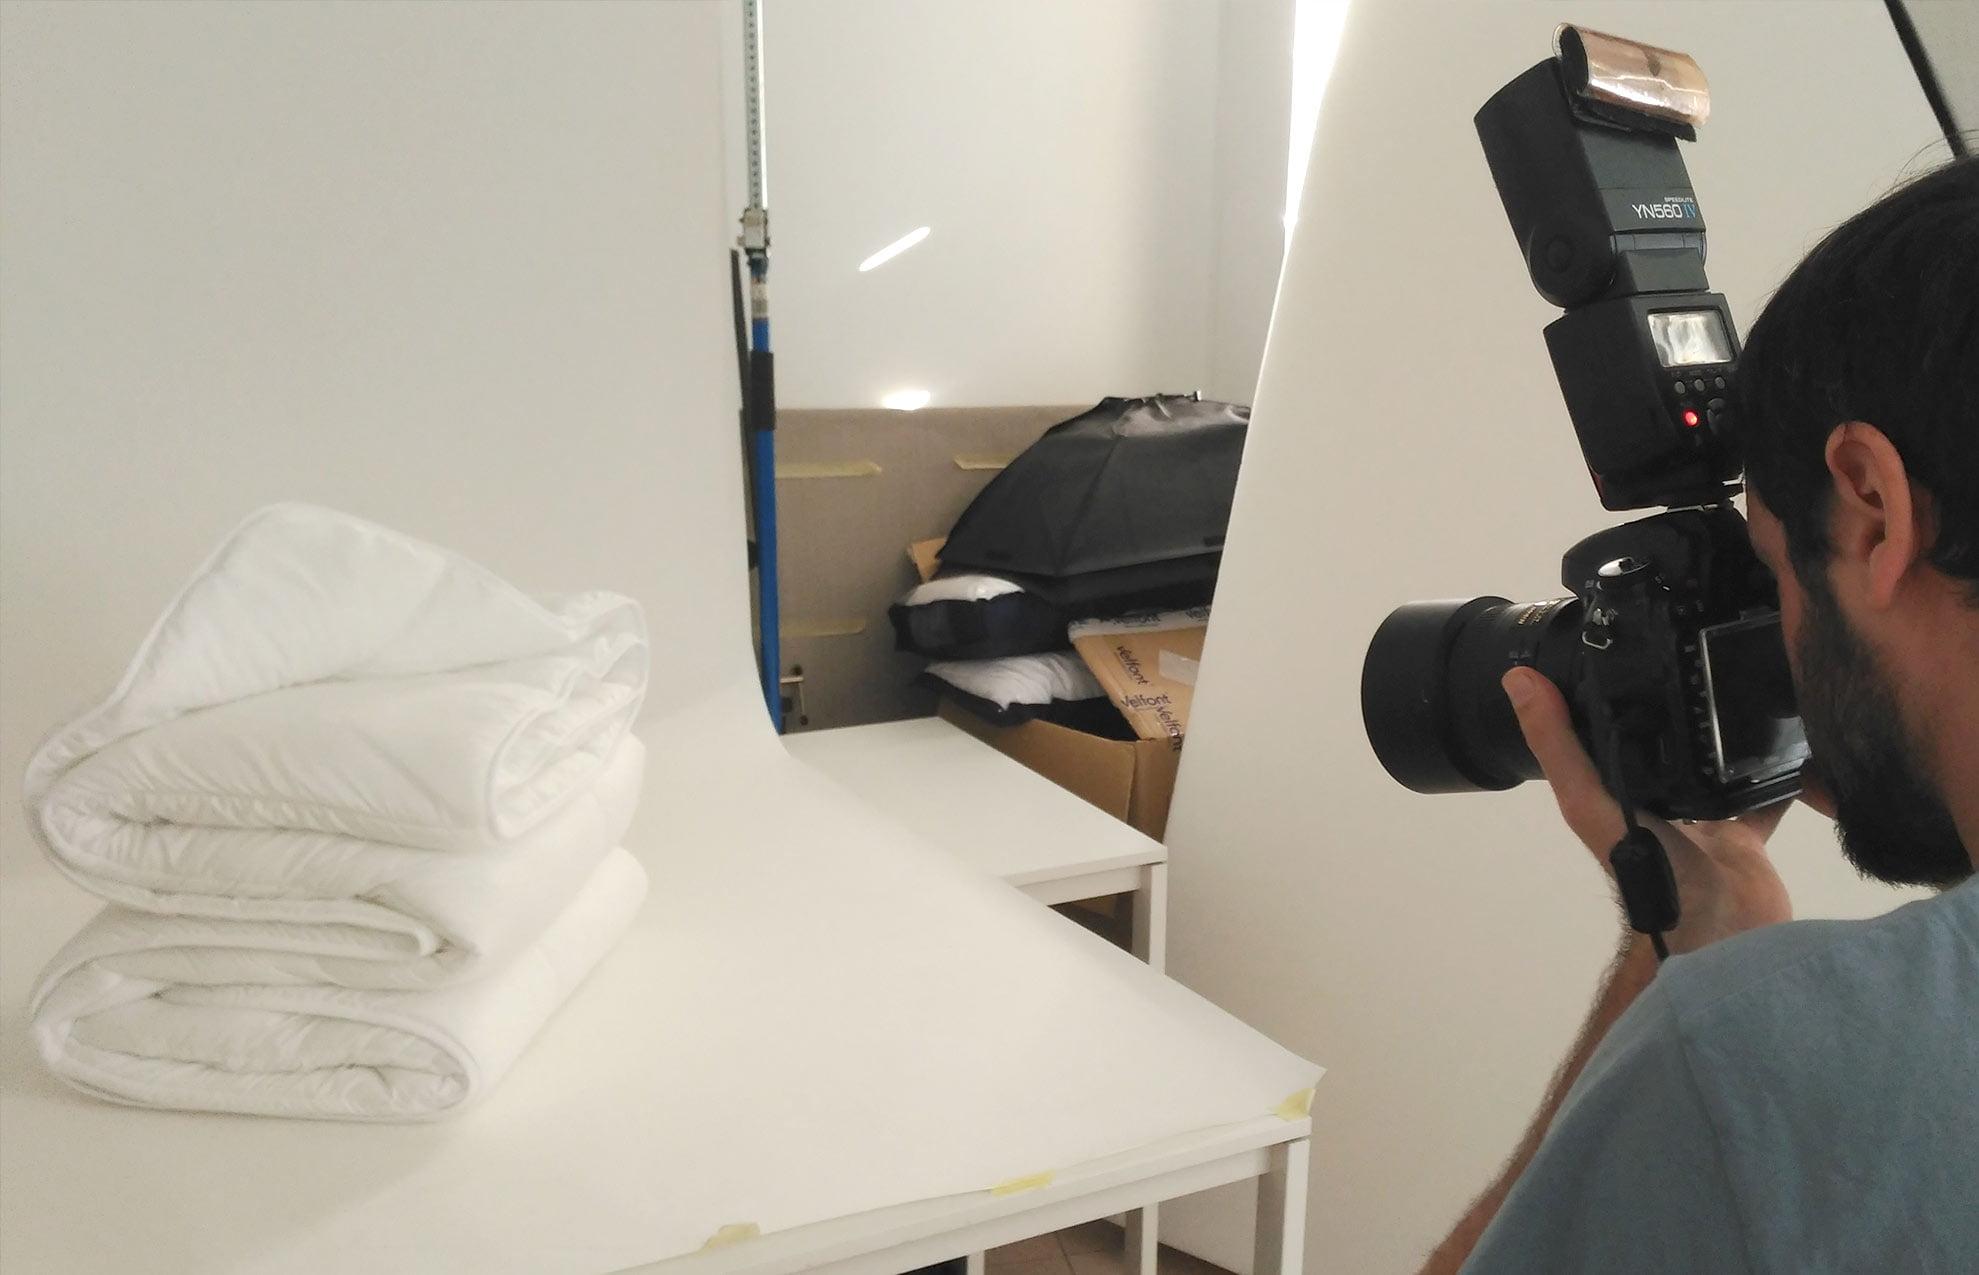 fotografia para ecommerce - Mediactiu, el estudio de fotografía que tú y tu negocio necesitáis